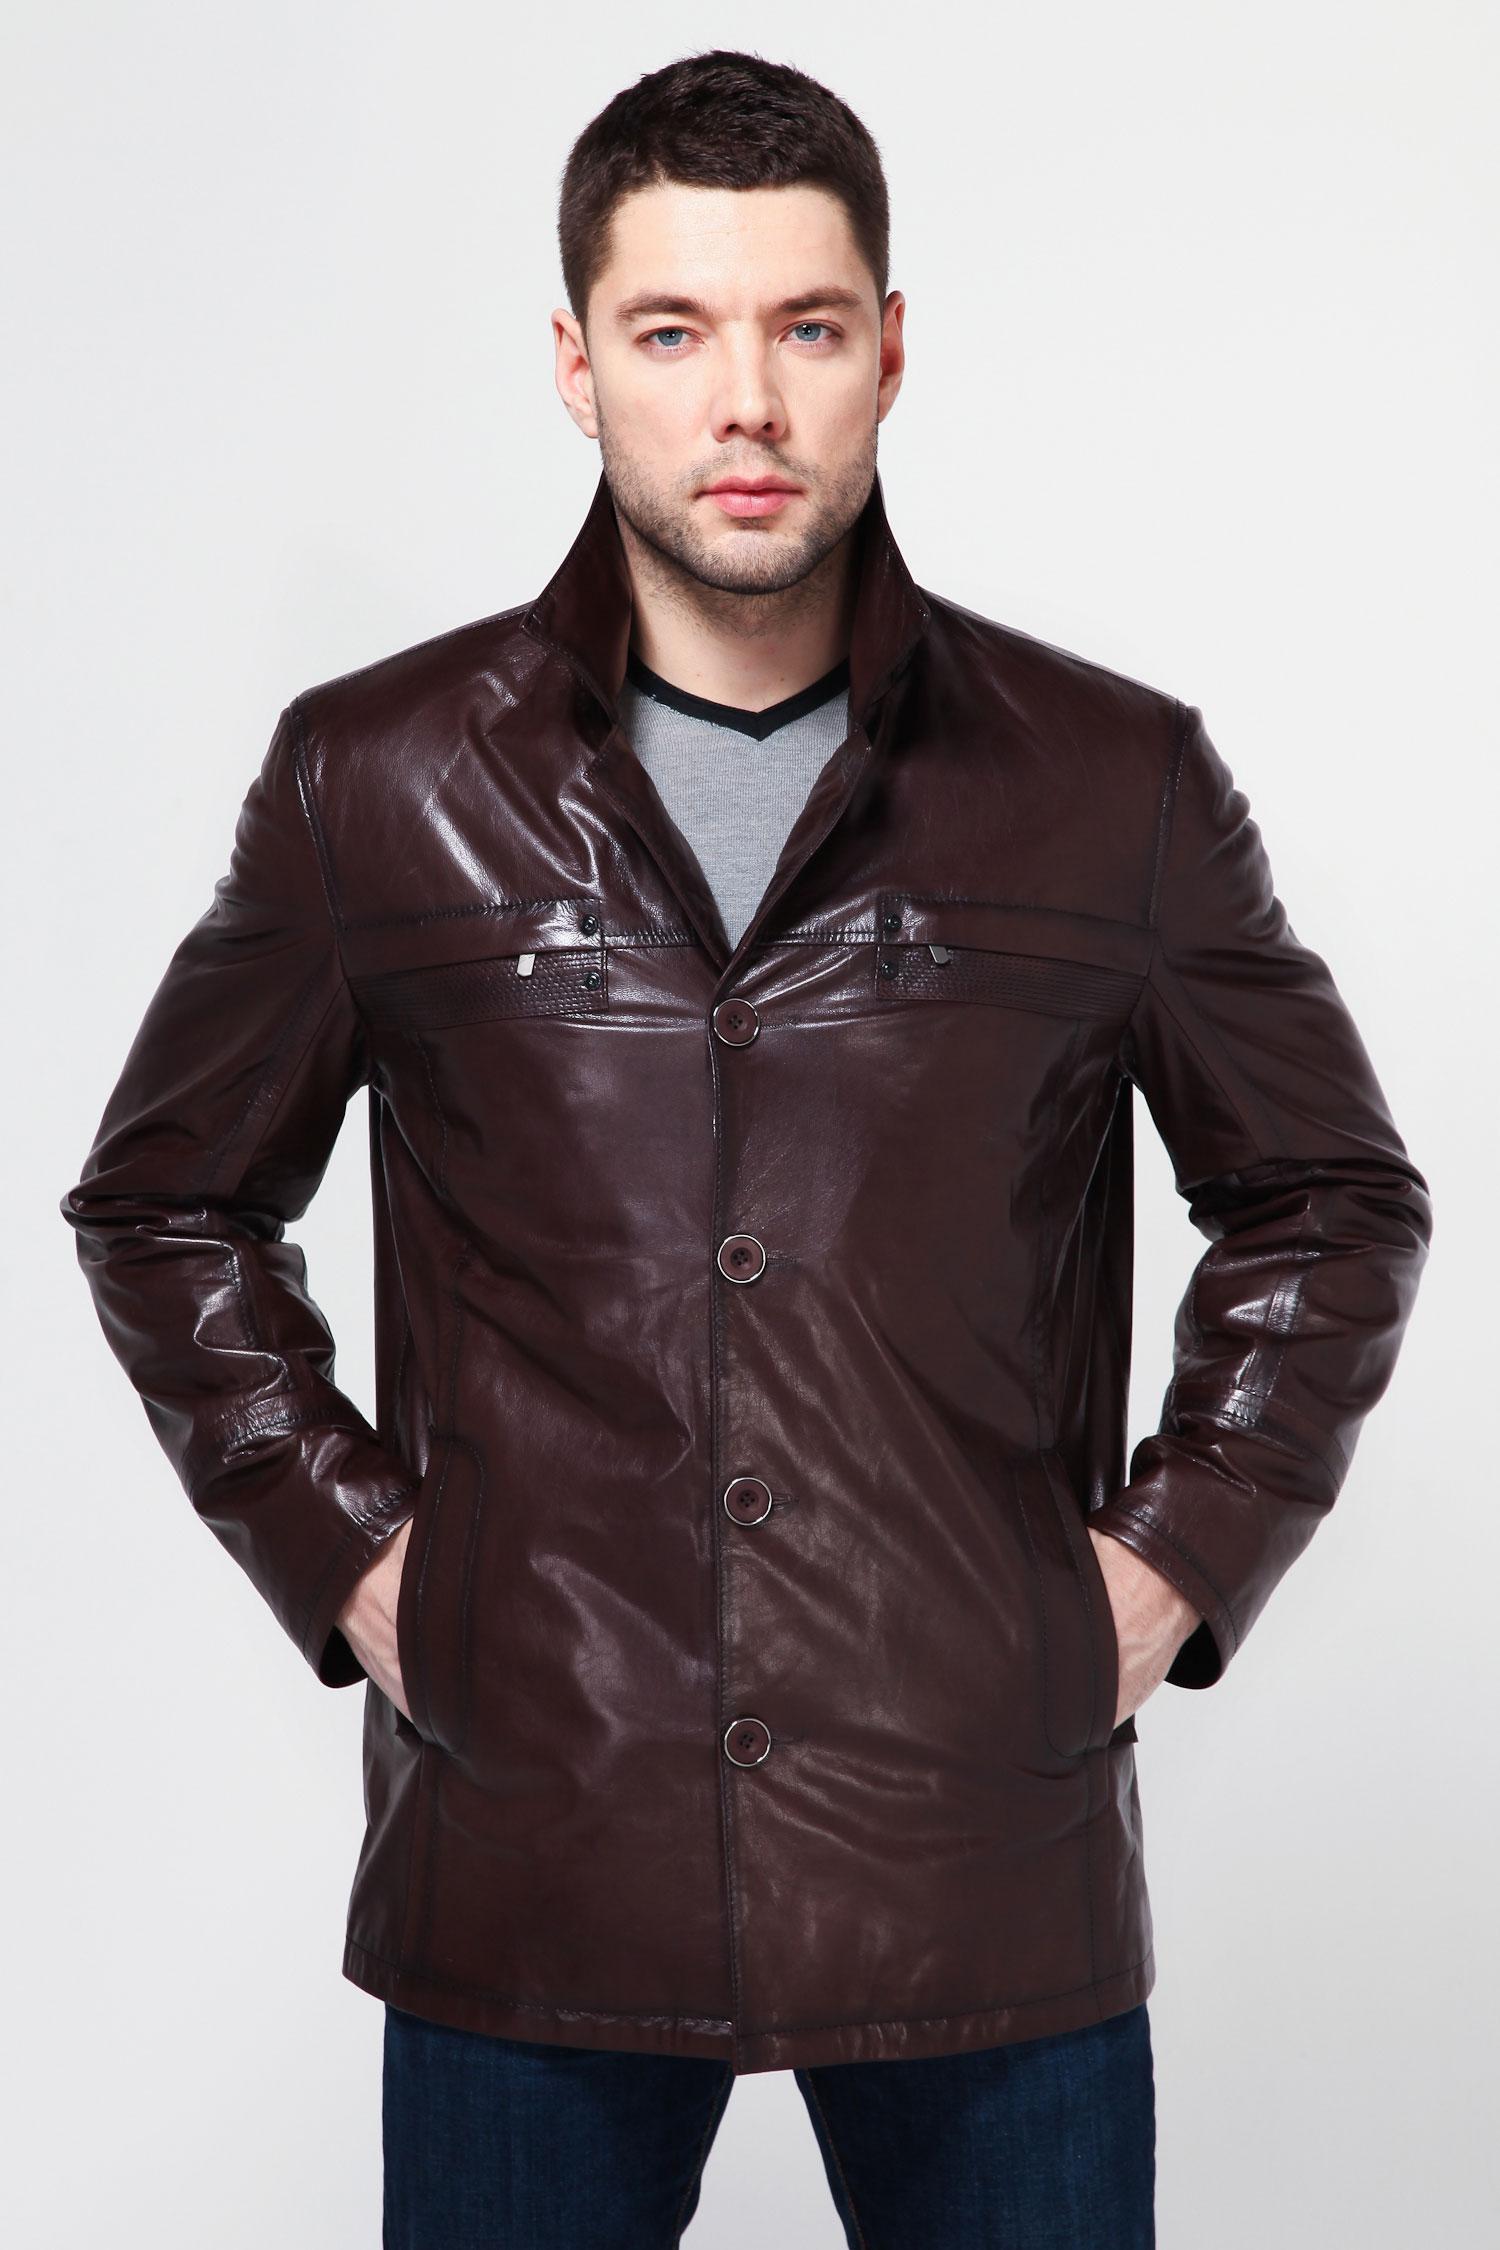 Мужская кожаная куртка из натуральной кожи с воротником, без отделкиАктуальная и классическая куртка - выигрышный вариант для элегантного мужчины. Модель с отложным воротником, застежкой на пуговицы. По бокам - прорезные карманы. Сочетание комфорта и стиля является бесподобным и придется Вам по душе. Стильная вещь!<br><br>Воротник: Английский<br>Длина см: 80<br>Материал: Плонже<br>Цвет: Коричневый<br>Пол: Мужской